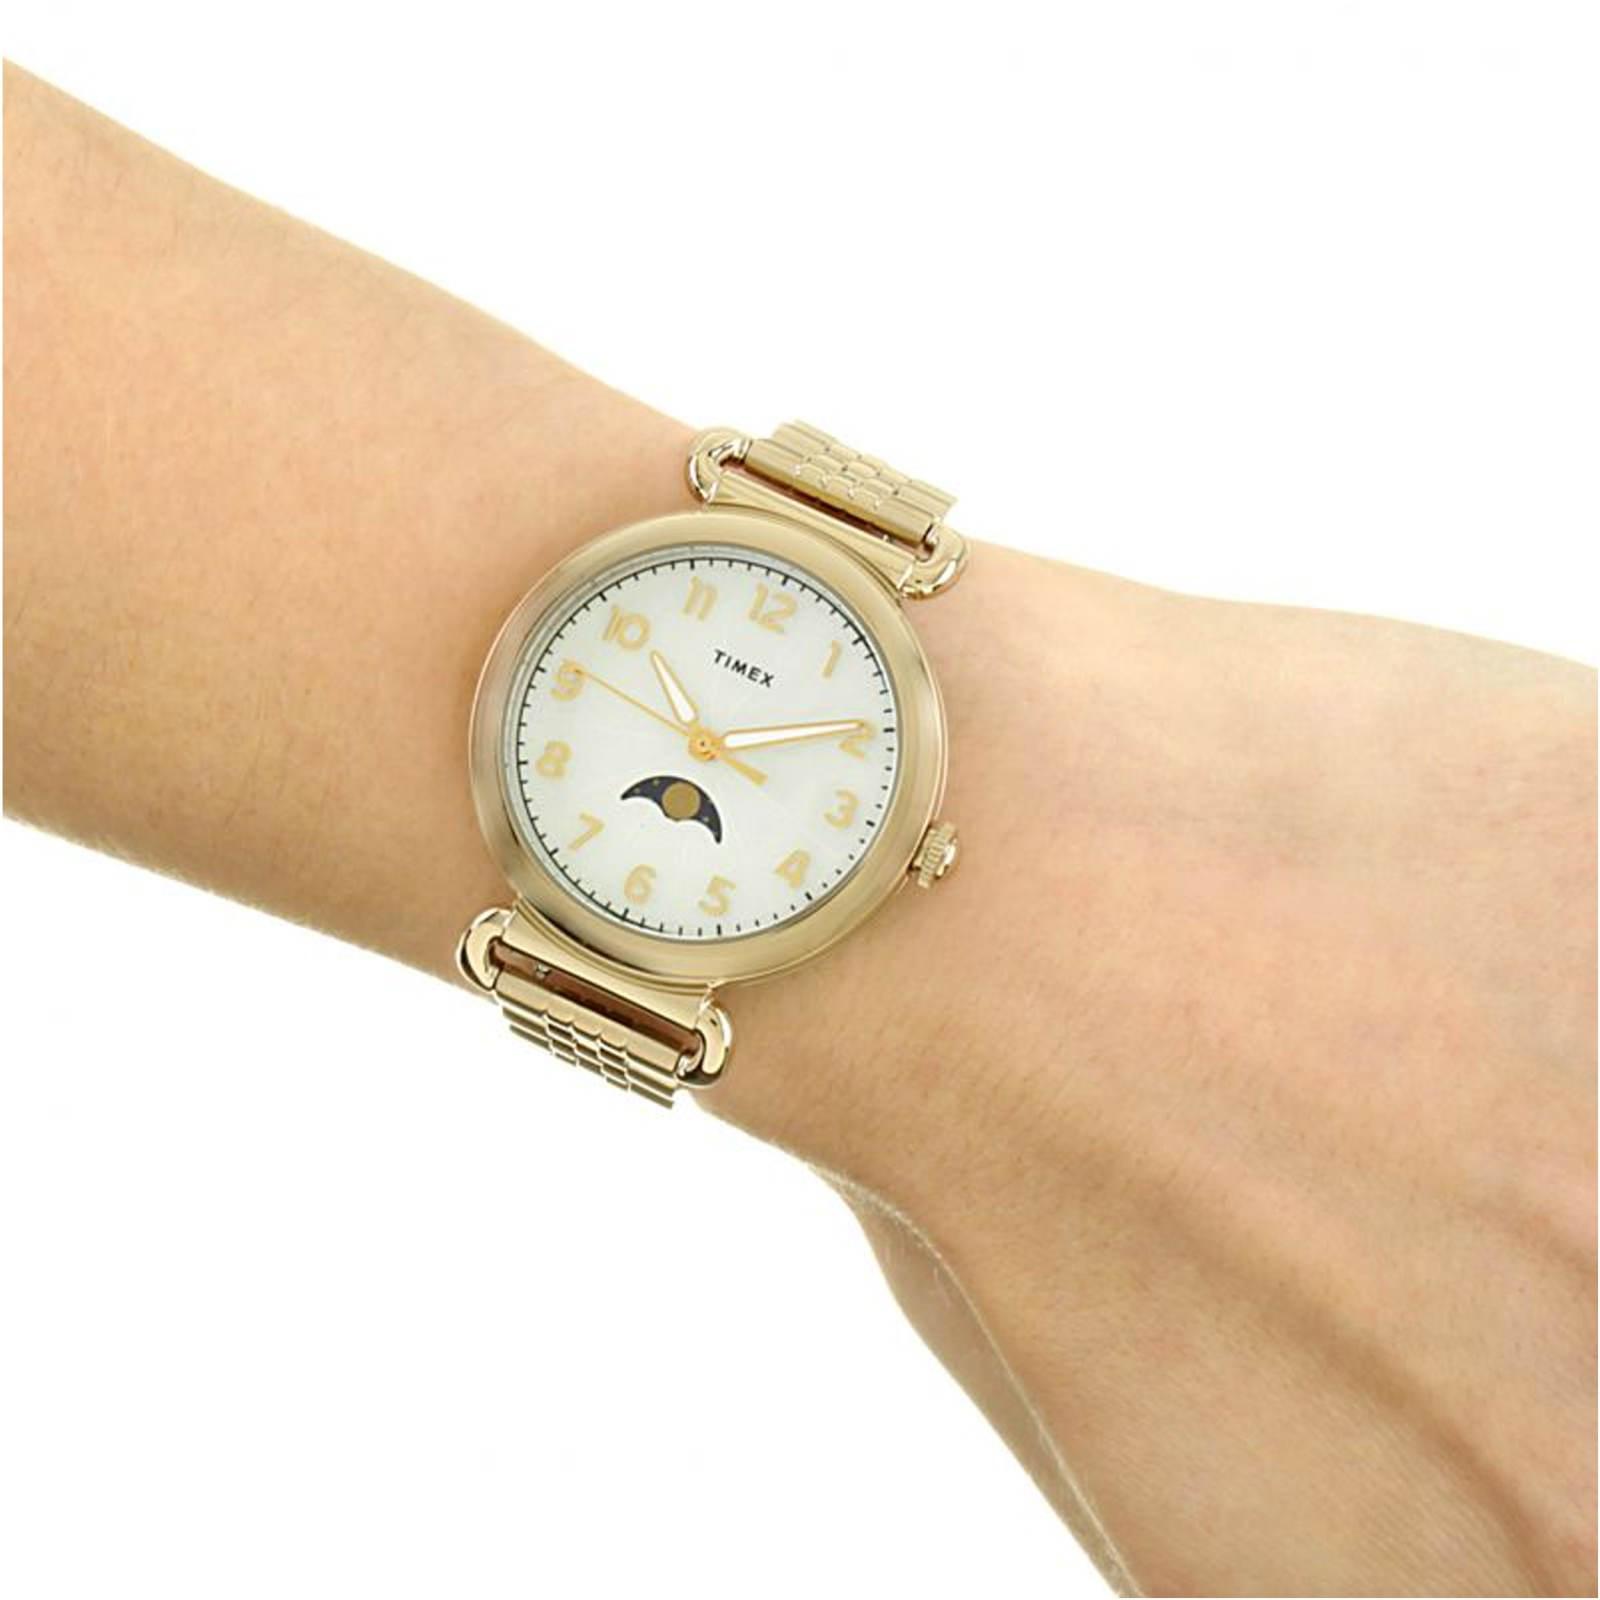 ساعت مچی عقربه ای زنانه تایمکس مدل TW2T89500 -  - 4